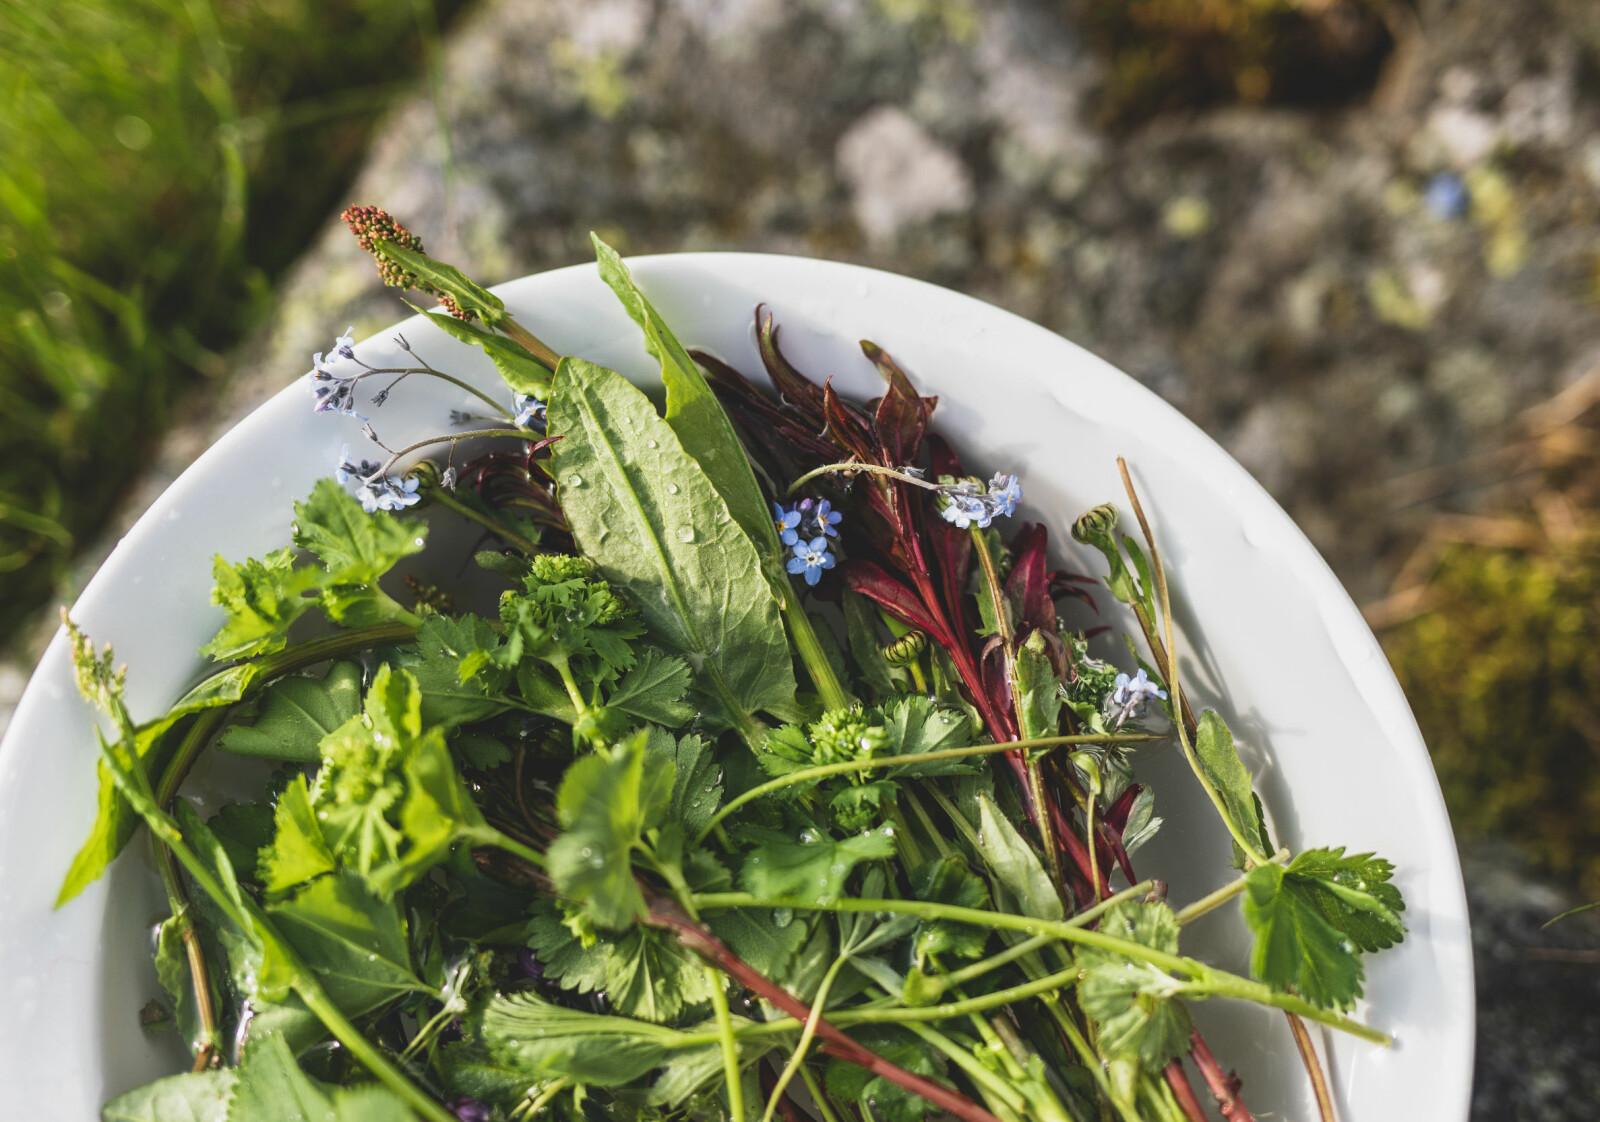 Fargerikt fellesskap: Marikåpe, forglemmegei og syreblader er bare noe av det Kristin Helene Randulff Nielsen har i sin friske salat.